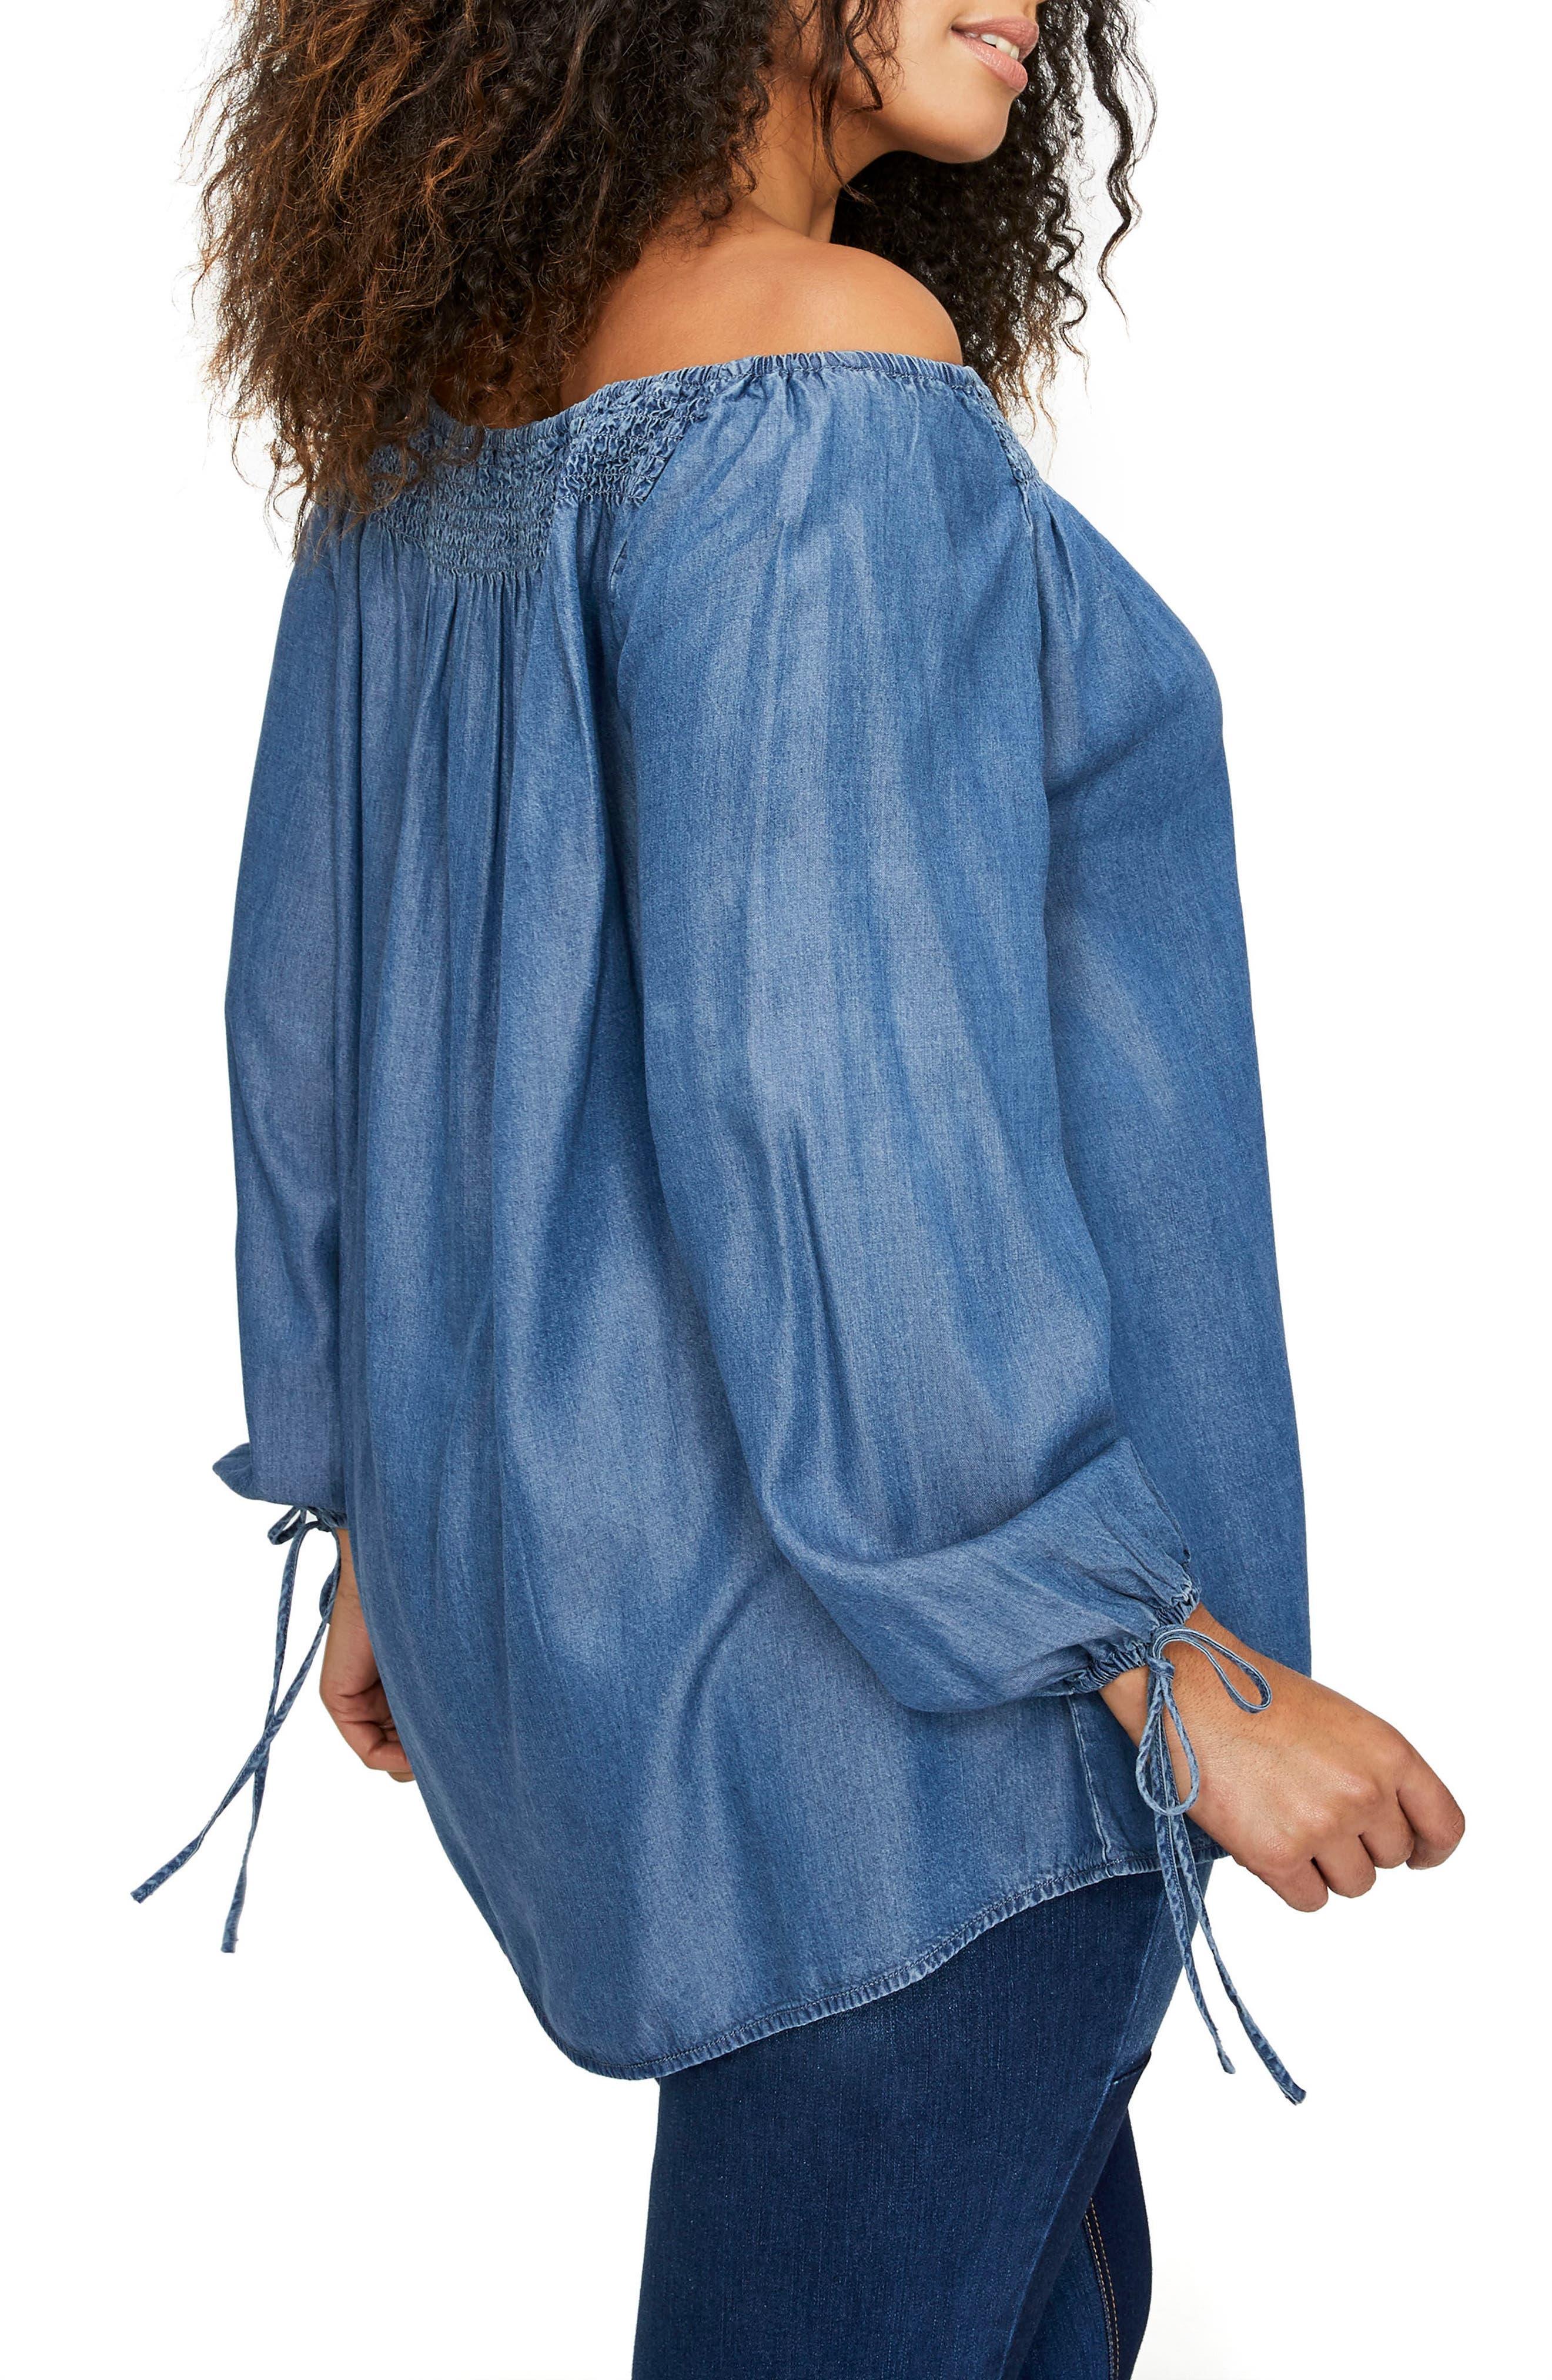 Lace-Up Off the Shoulder Blouse,                             Alternate thumbnail 2, color,                             Medium Denim